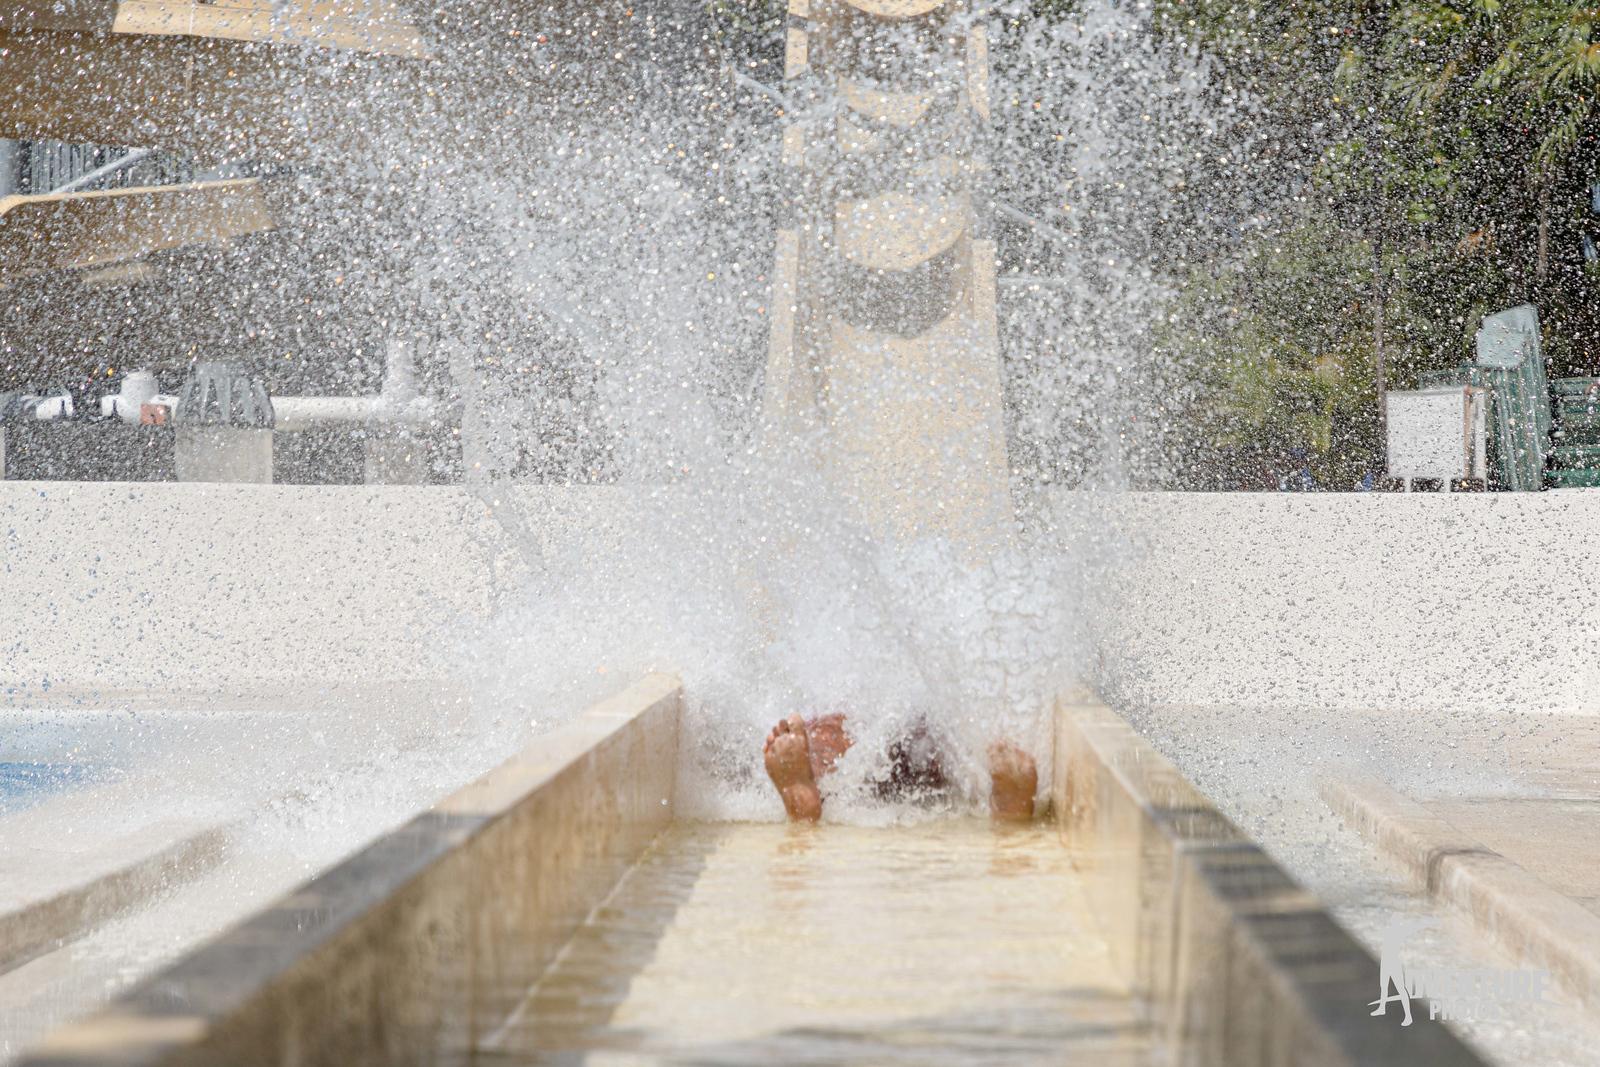 WATER PARKCM0004